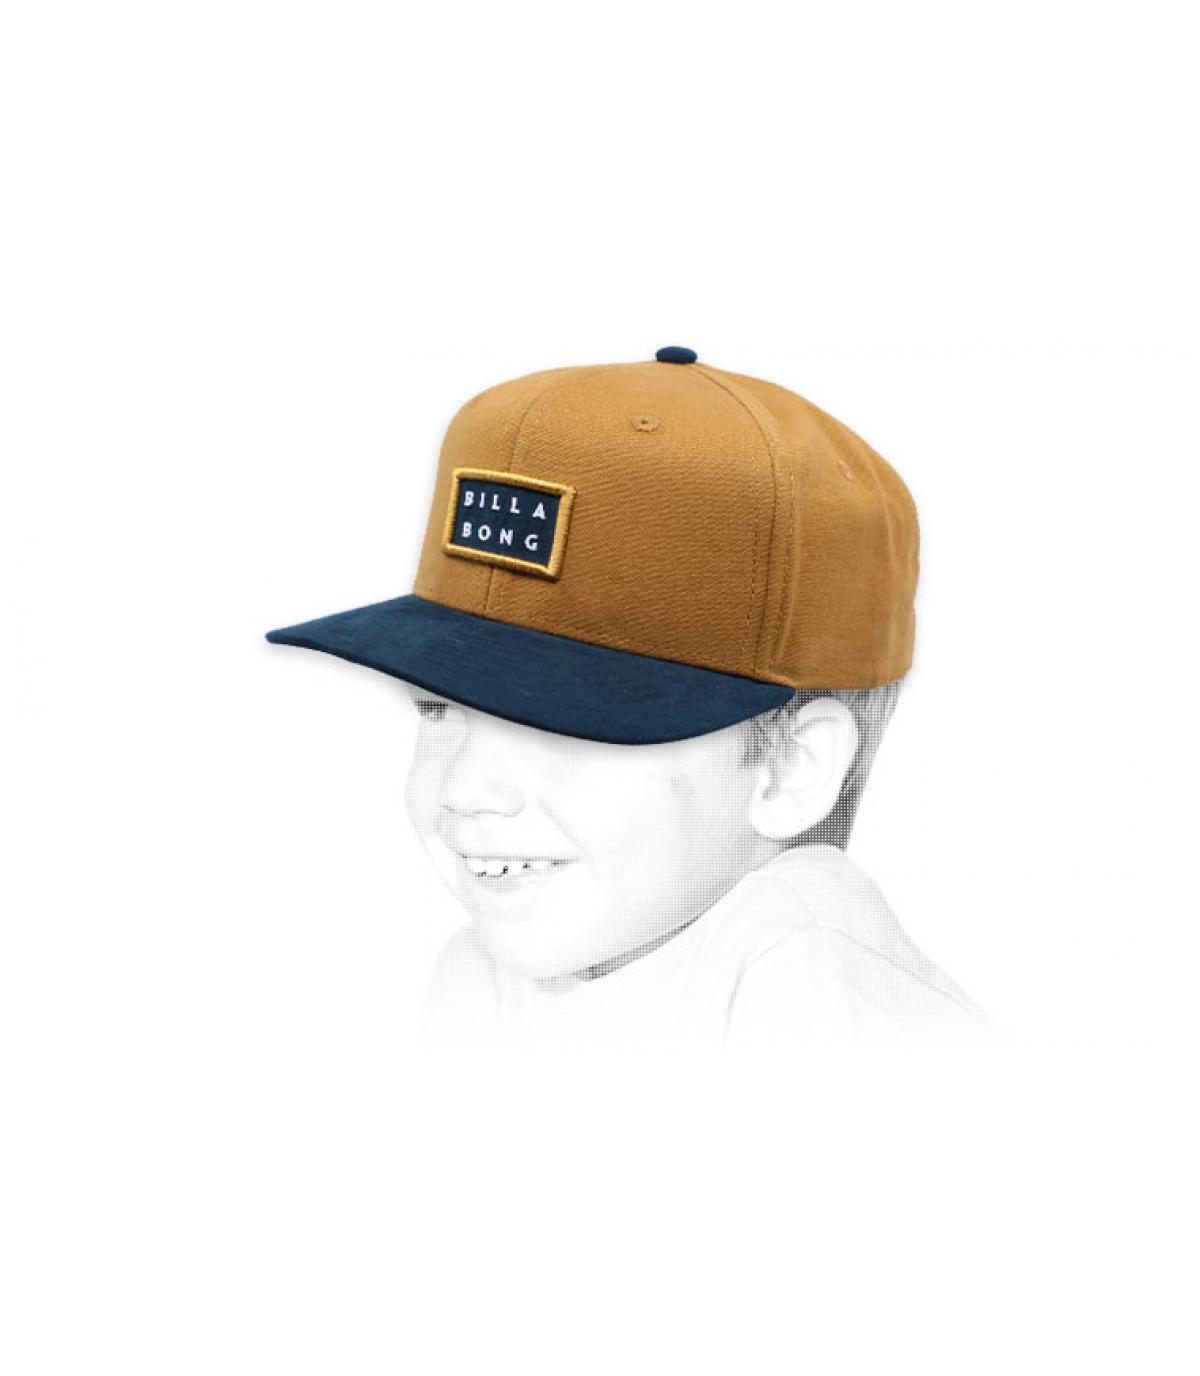 casquette enfant beige Billabong